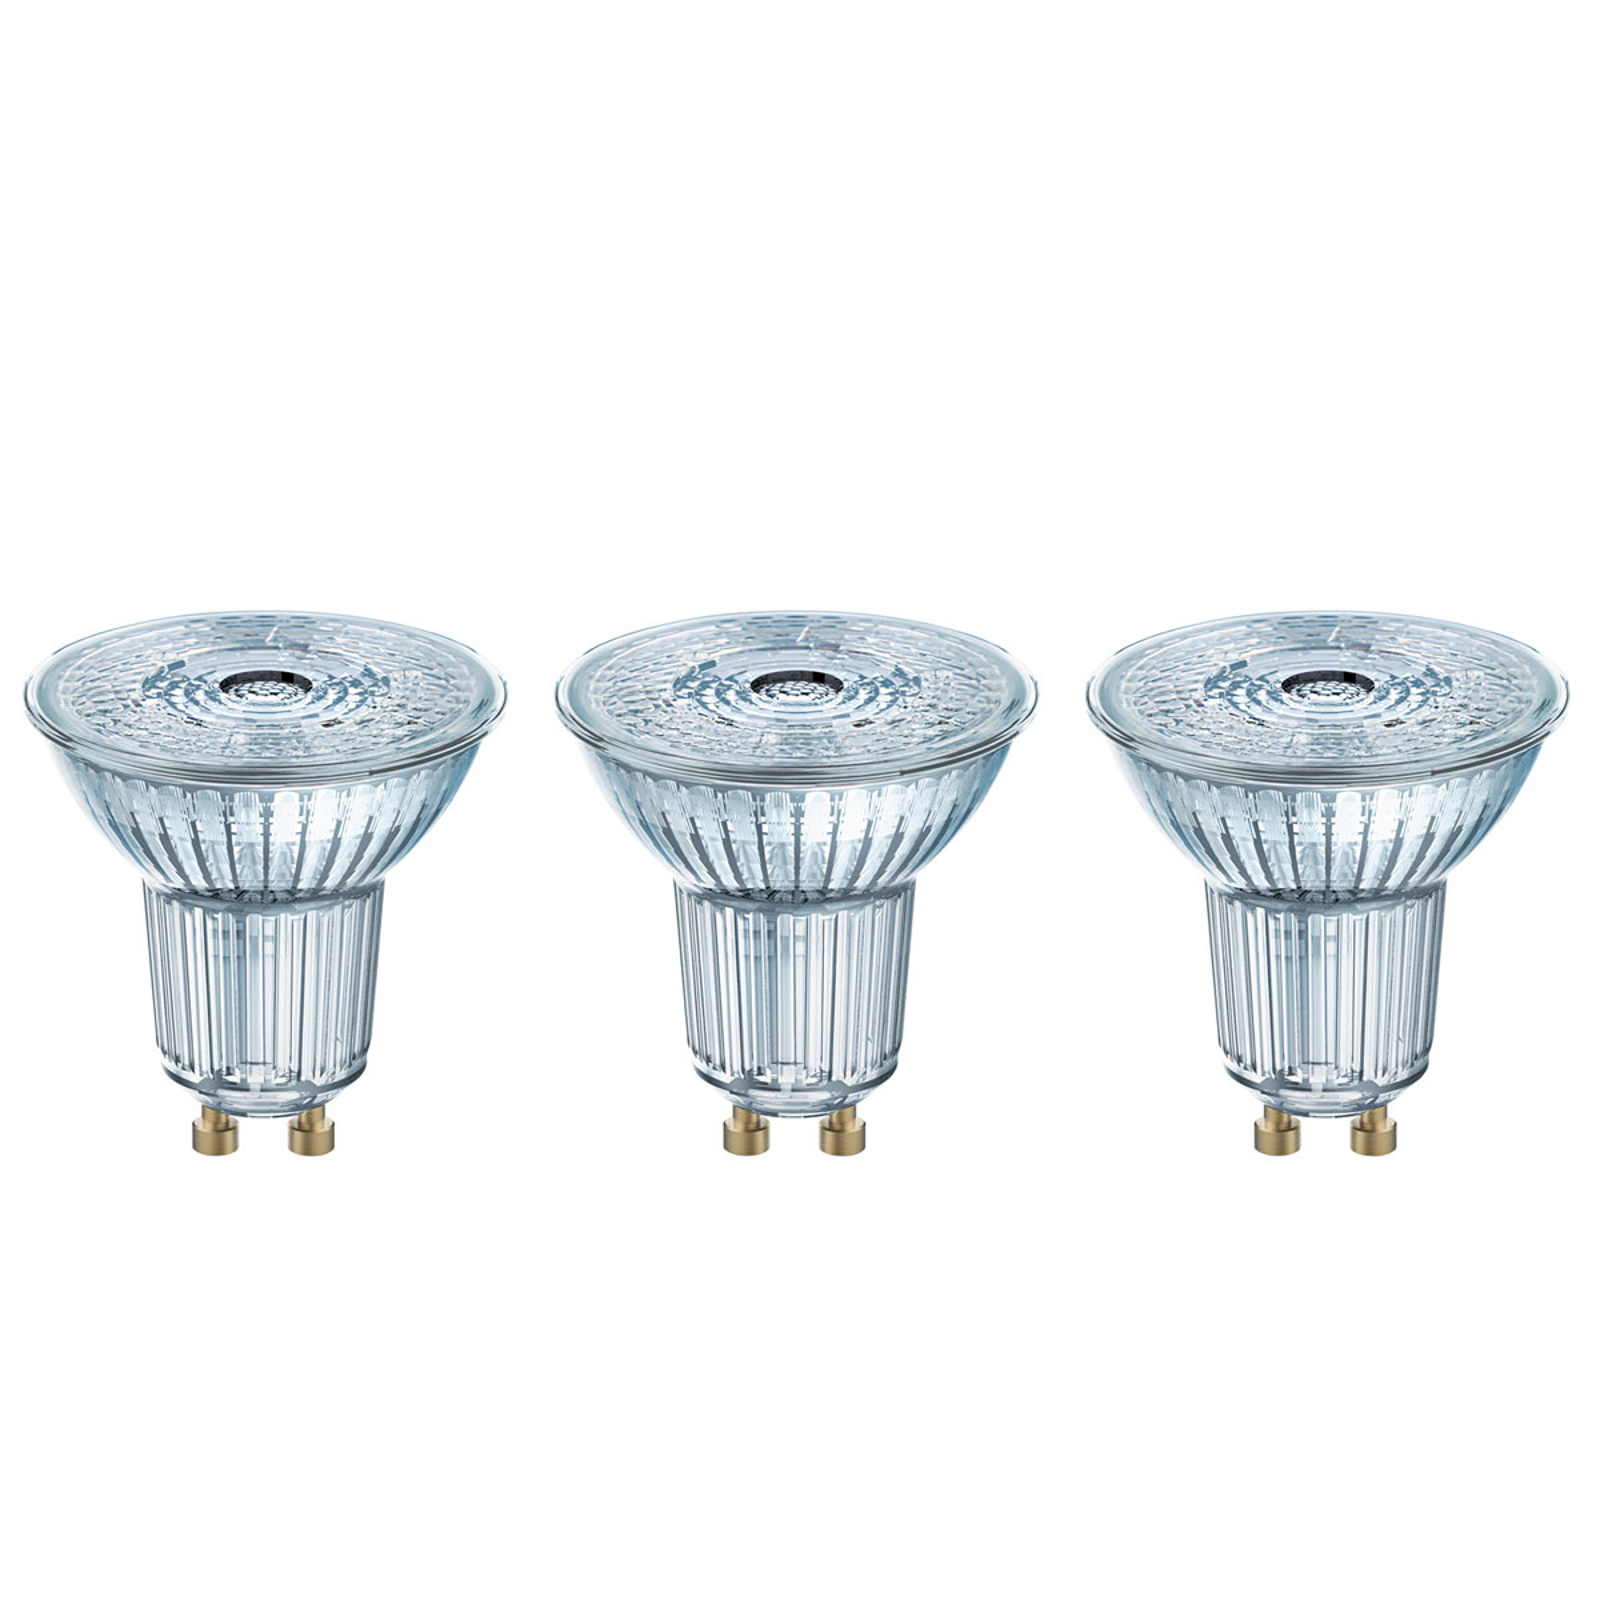 Réflecteur LED GU10 4,3W, blanc neutre, kit de 3